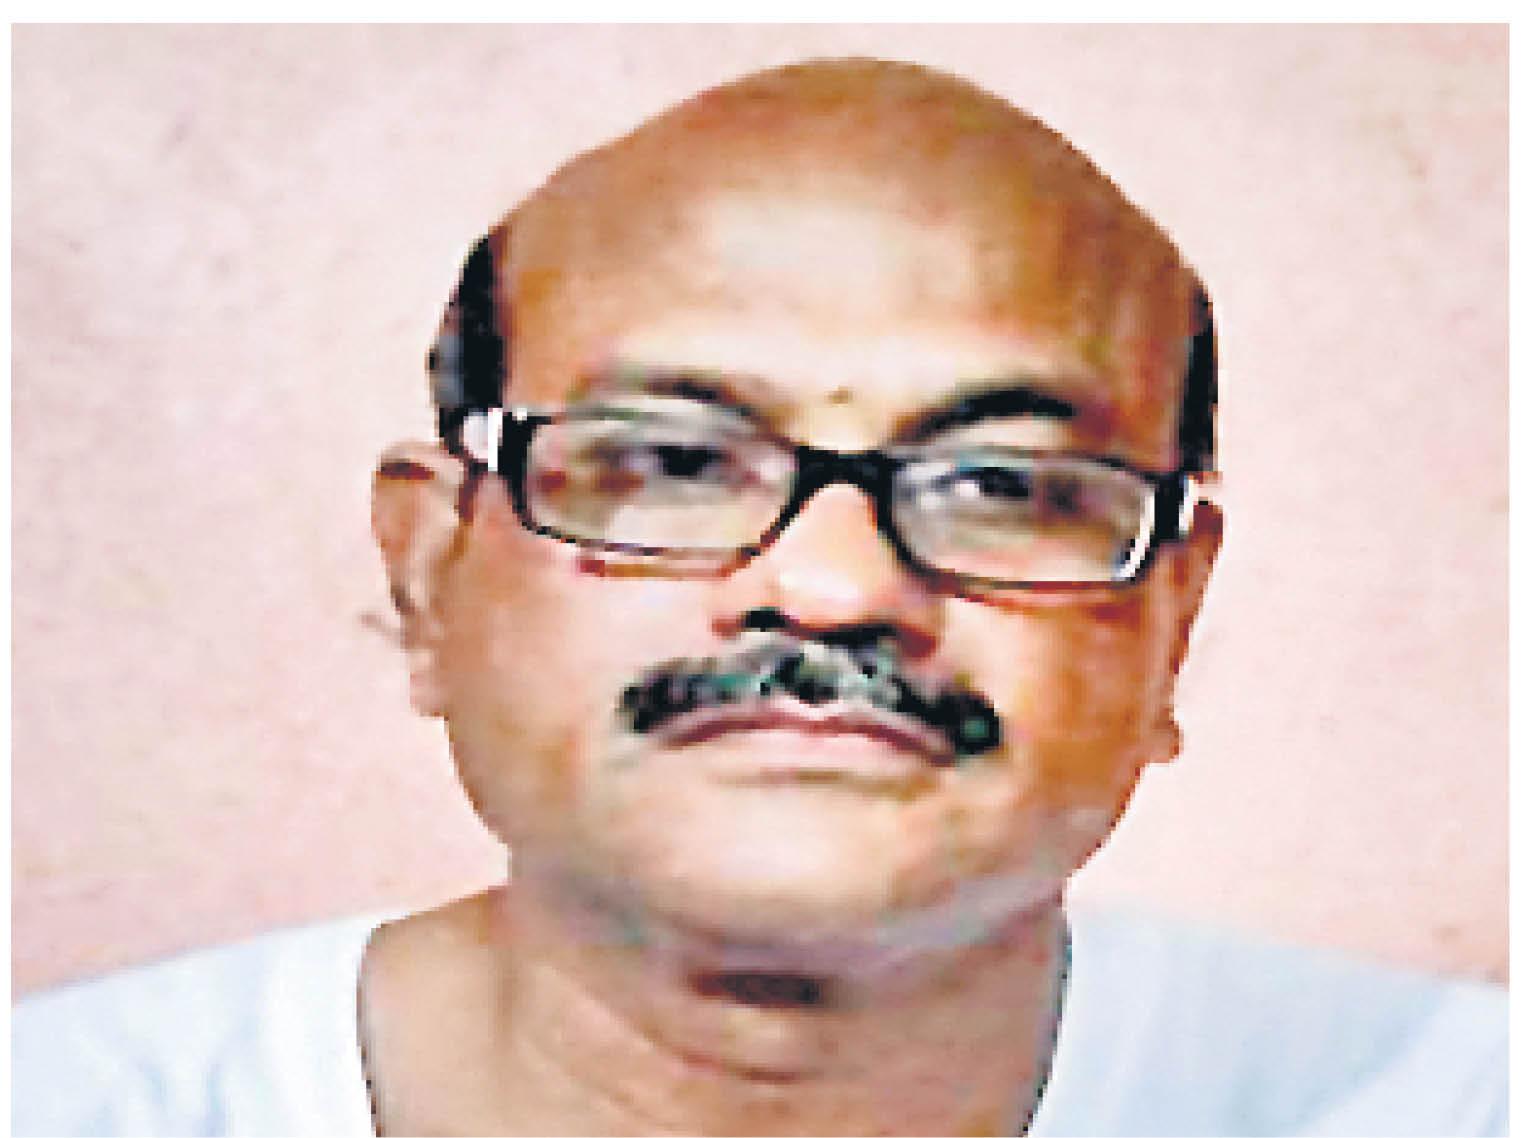 रमापदो पाल - Dainik Bhaskar